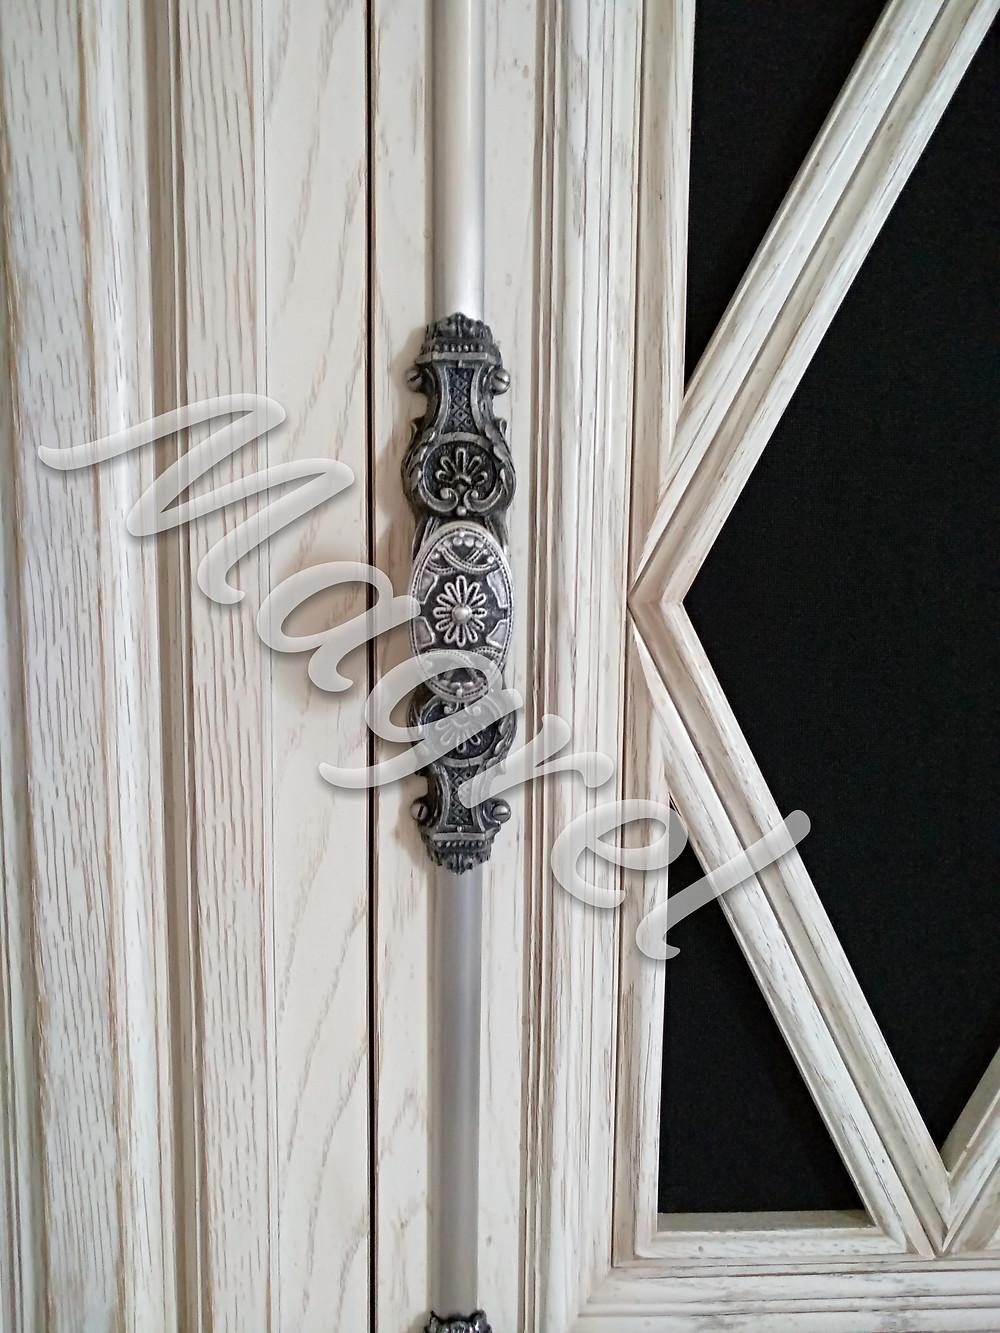 Кремон для шкафа раздвижной шпингалет латунный состаренное серебро